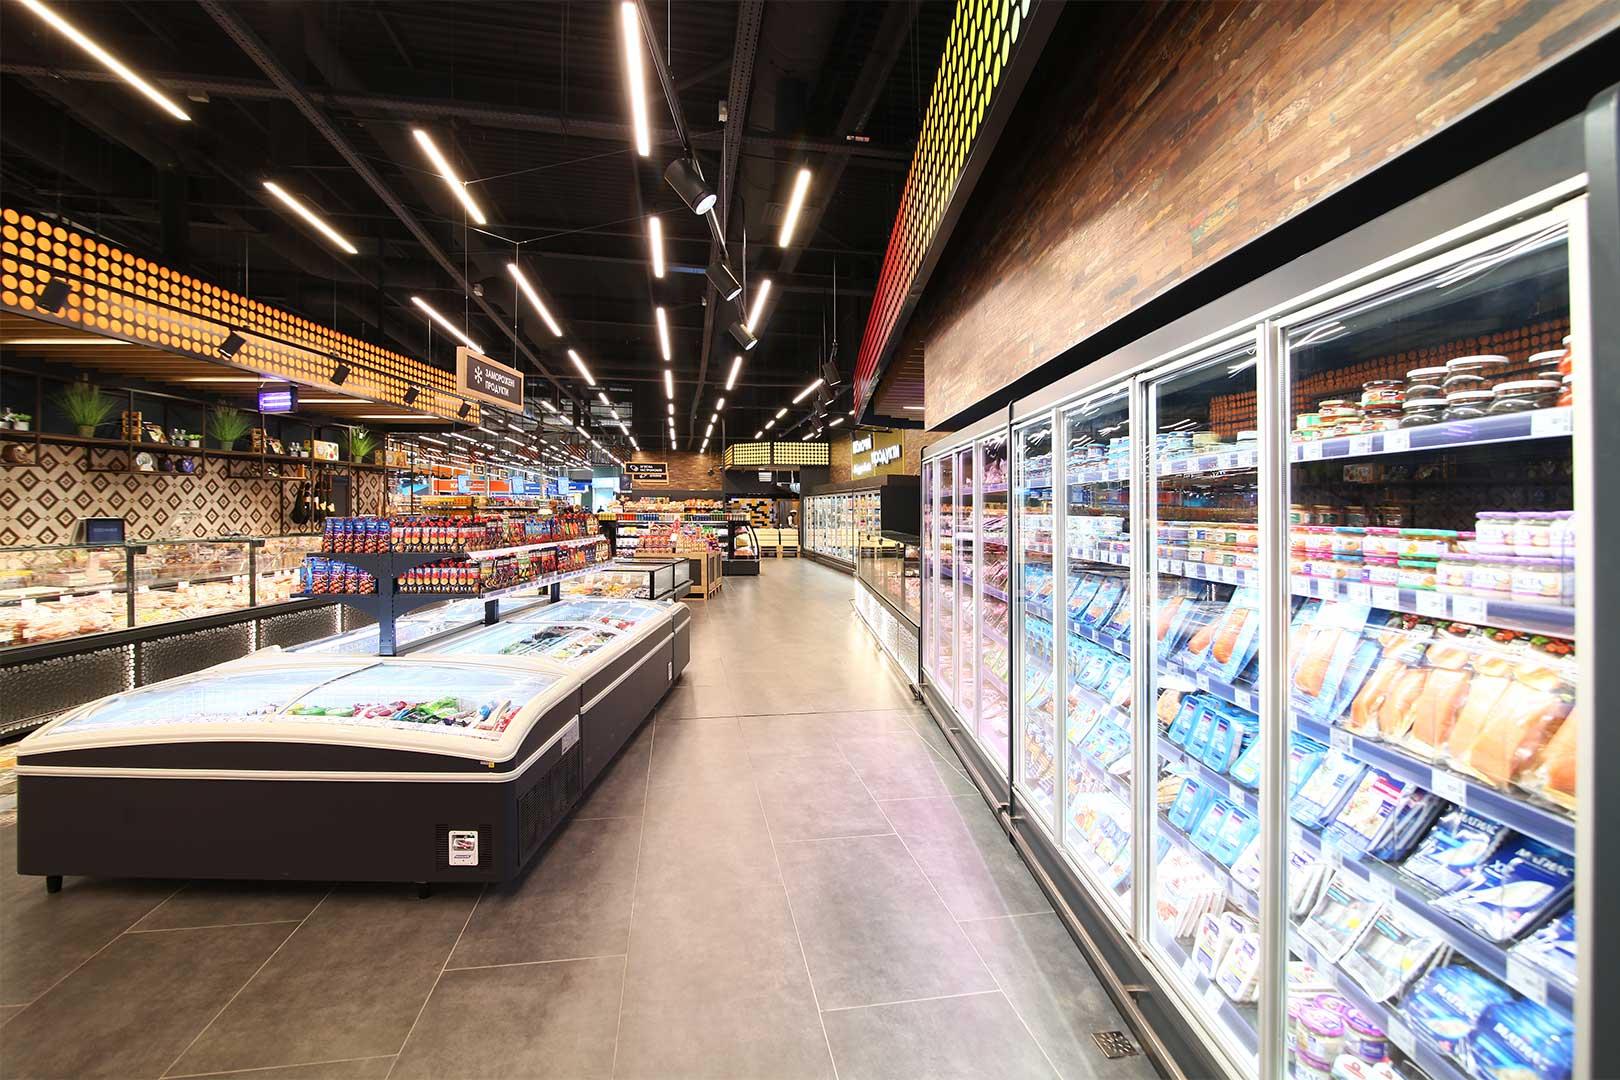 Multideck cabinets Indiana MV 080 MT D 205-DLM, frozen foods units Super AH 092 LT C 079-SLA